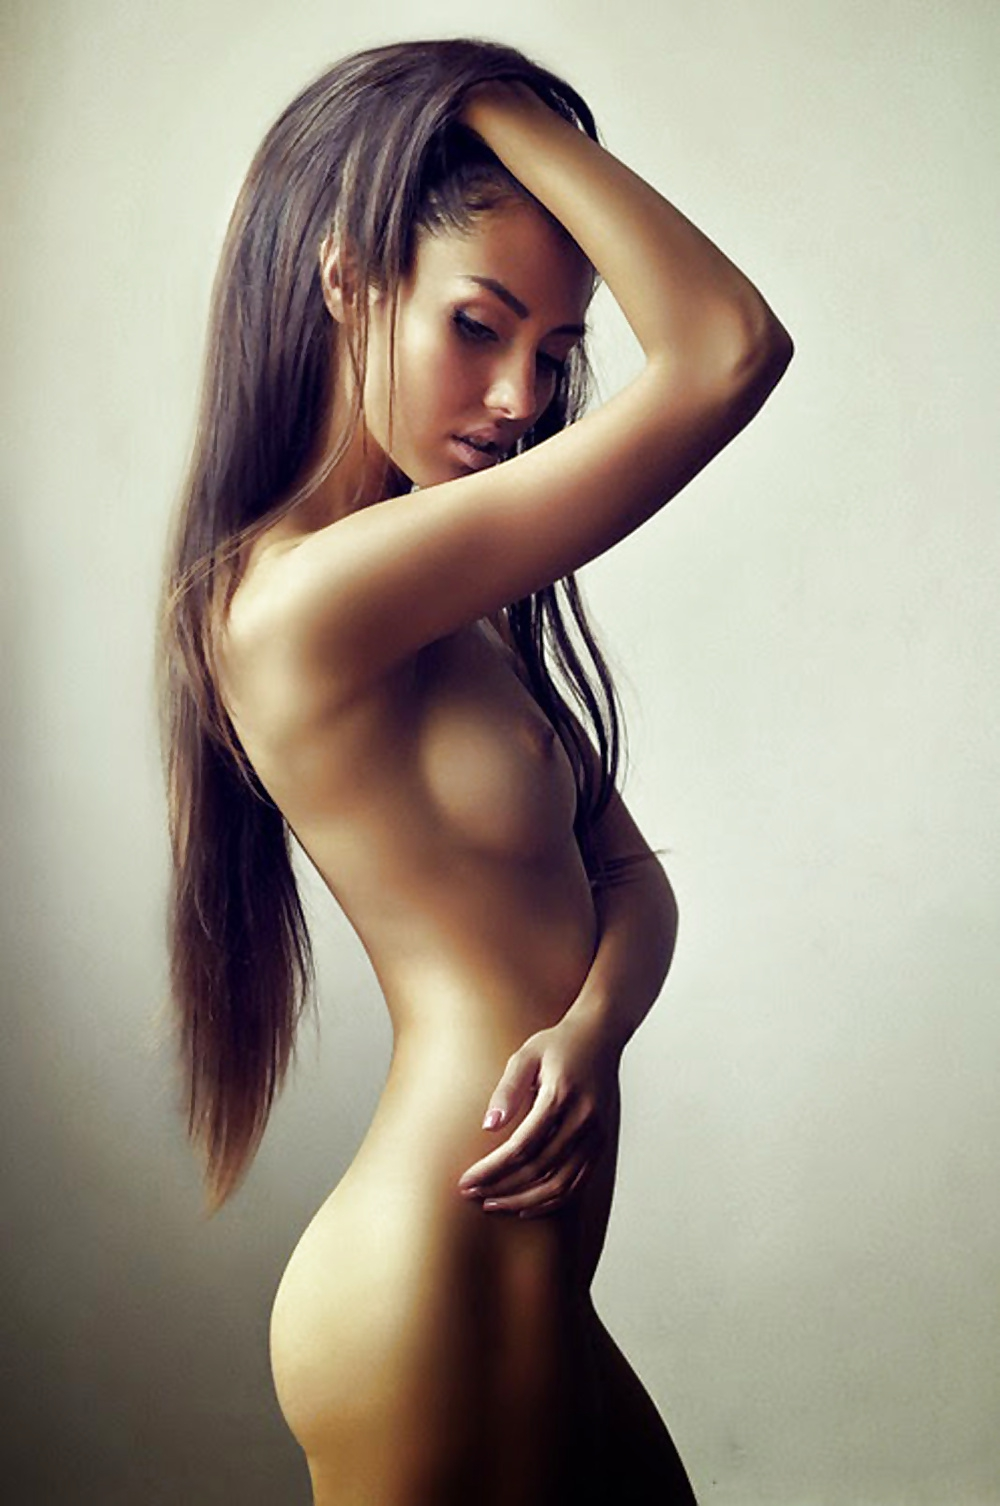 профессиональные фото голых красивых девушек